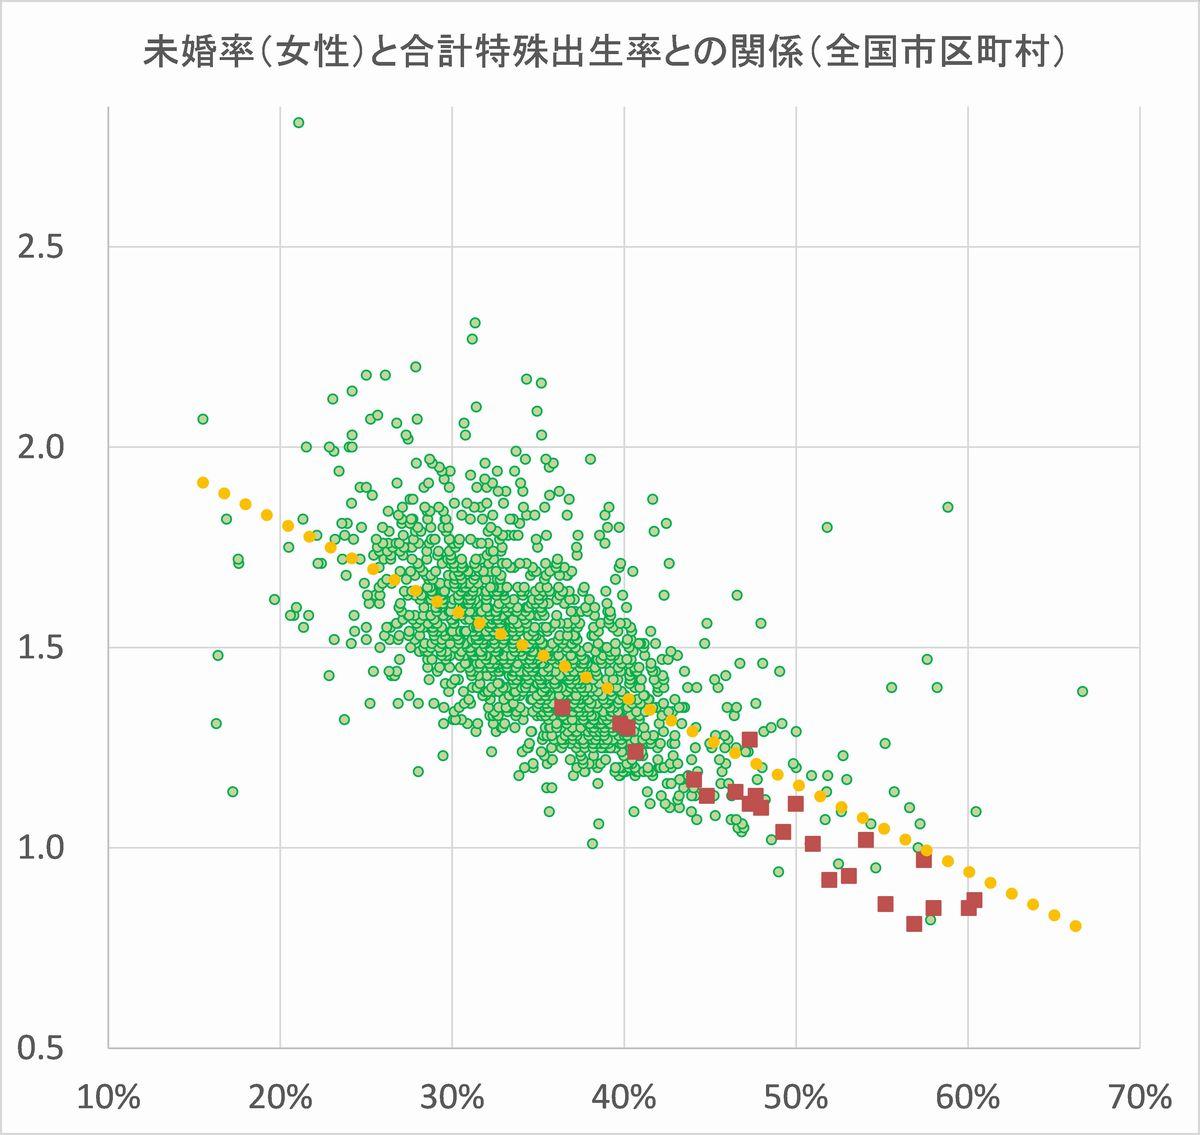 写真・図版 : 内閣府『市町村別少子化関係指標(2017年)』に基づく。合計特殊出生率は平成20~24年、未婚率(女性25~39歳)は平成22年データ。